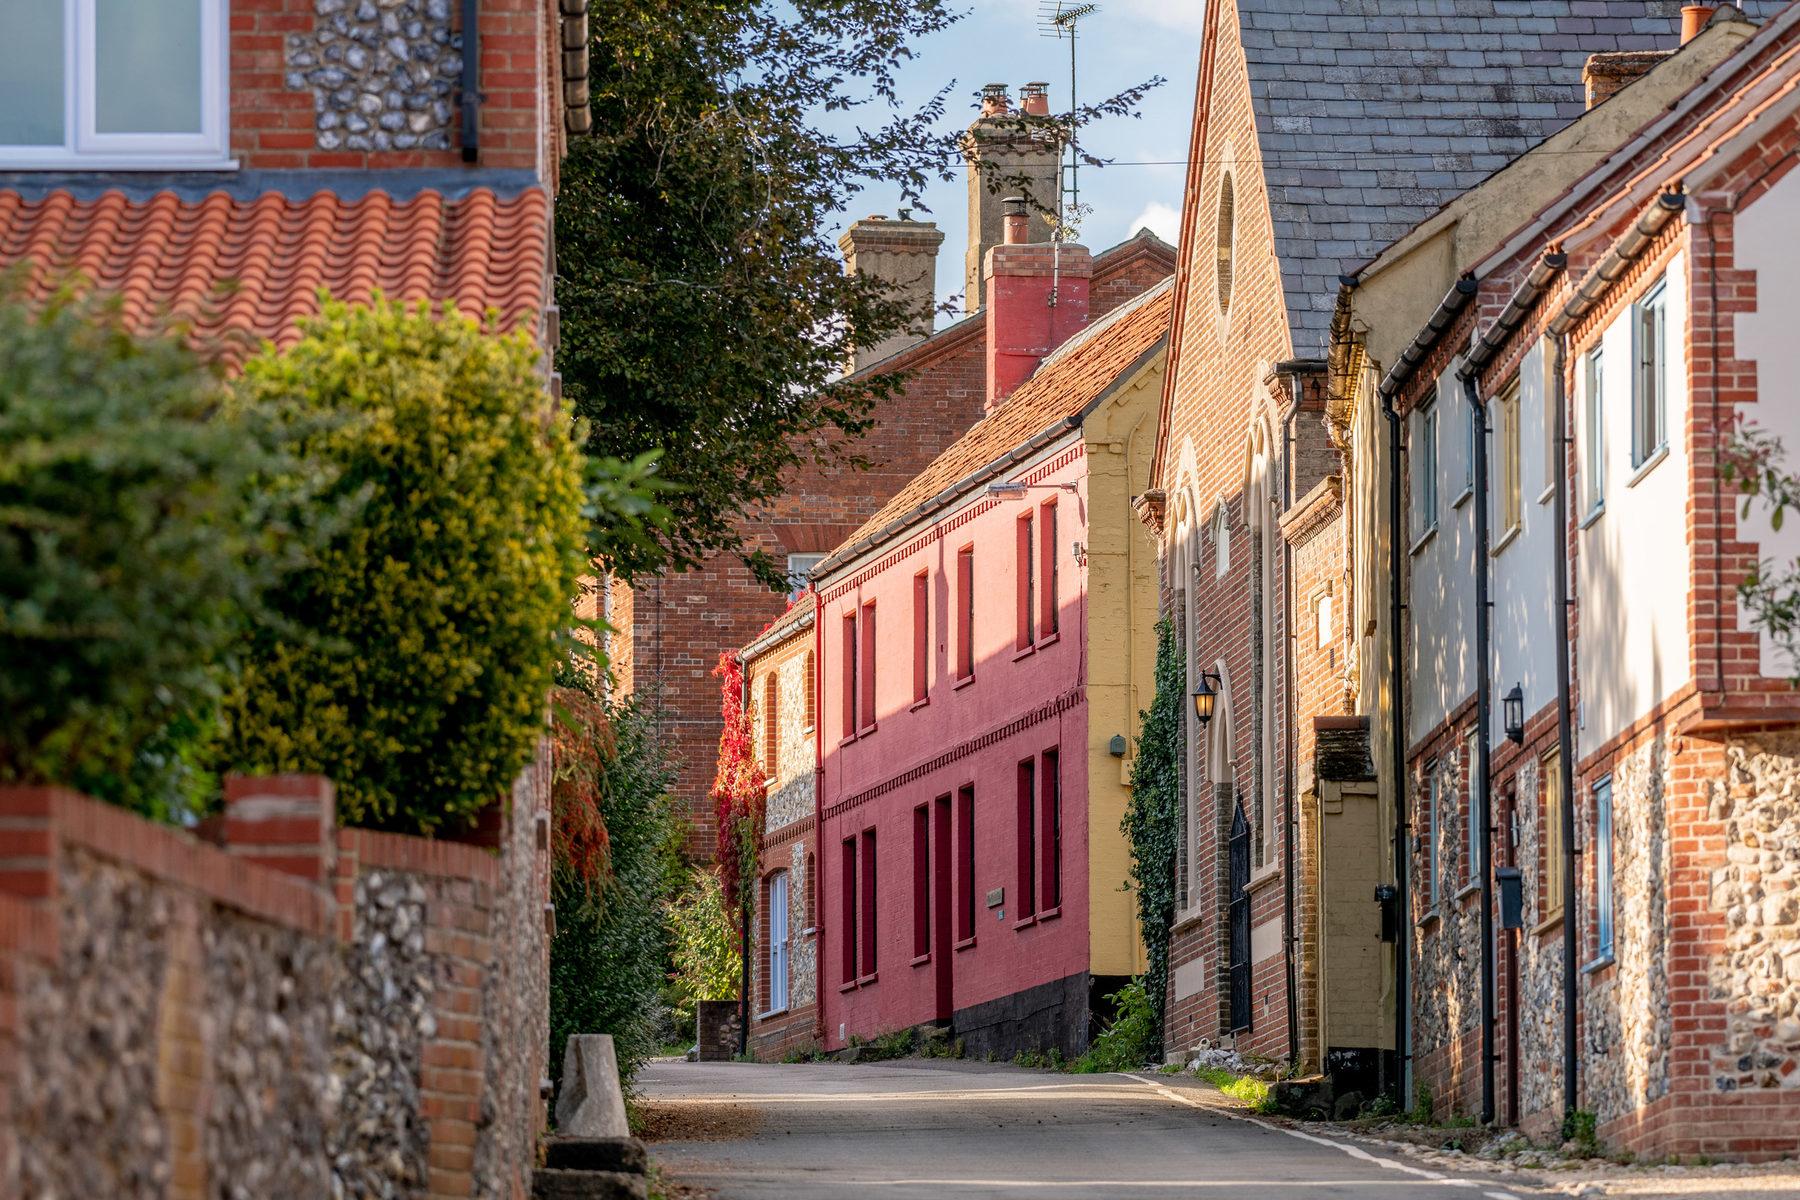 005 Castle Acre Village 2018